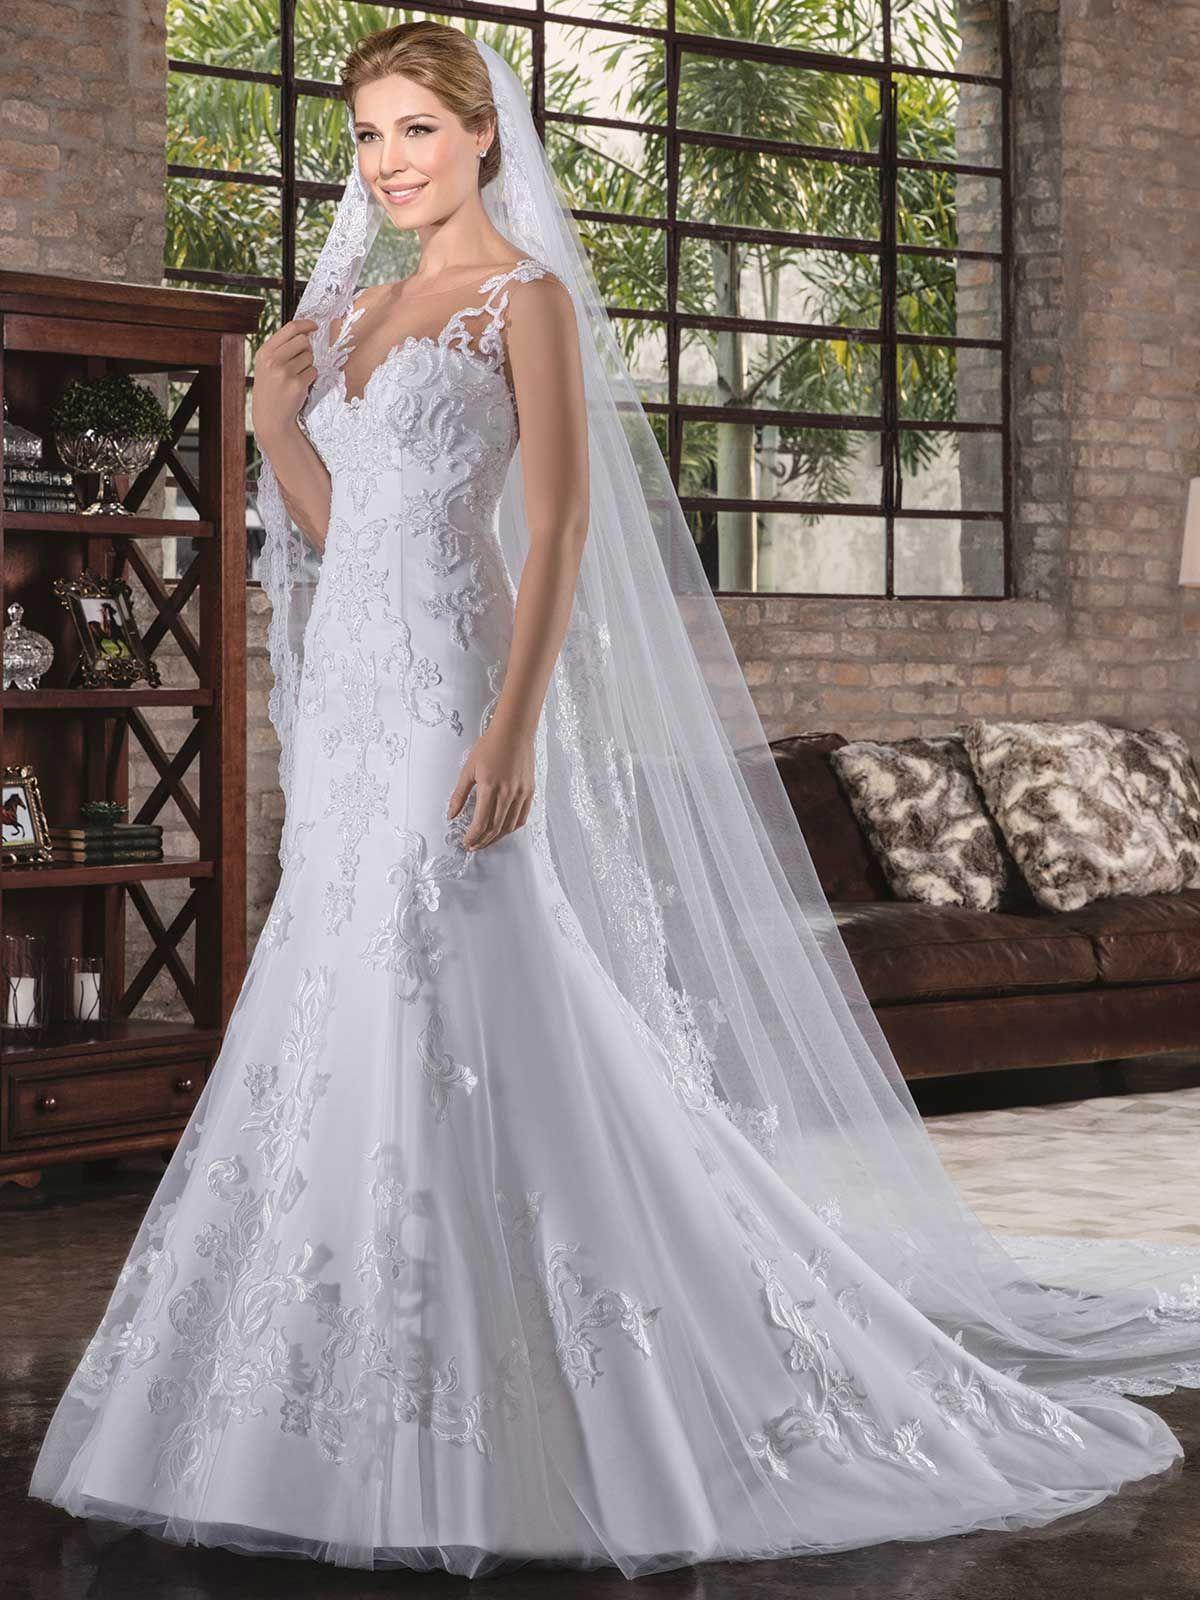 Dallas 26 #vestidosdenoiva #novacoleção #noiva #bride #casamento ...